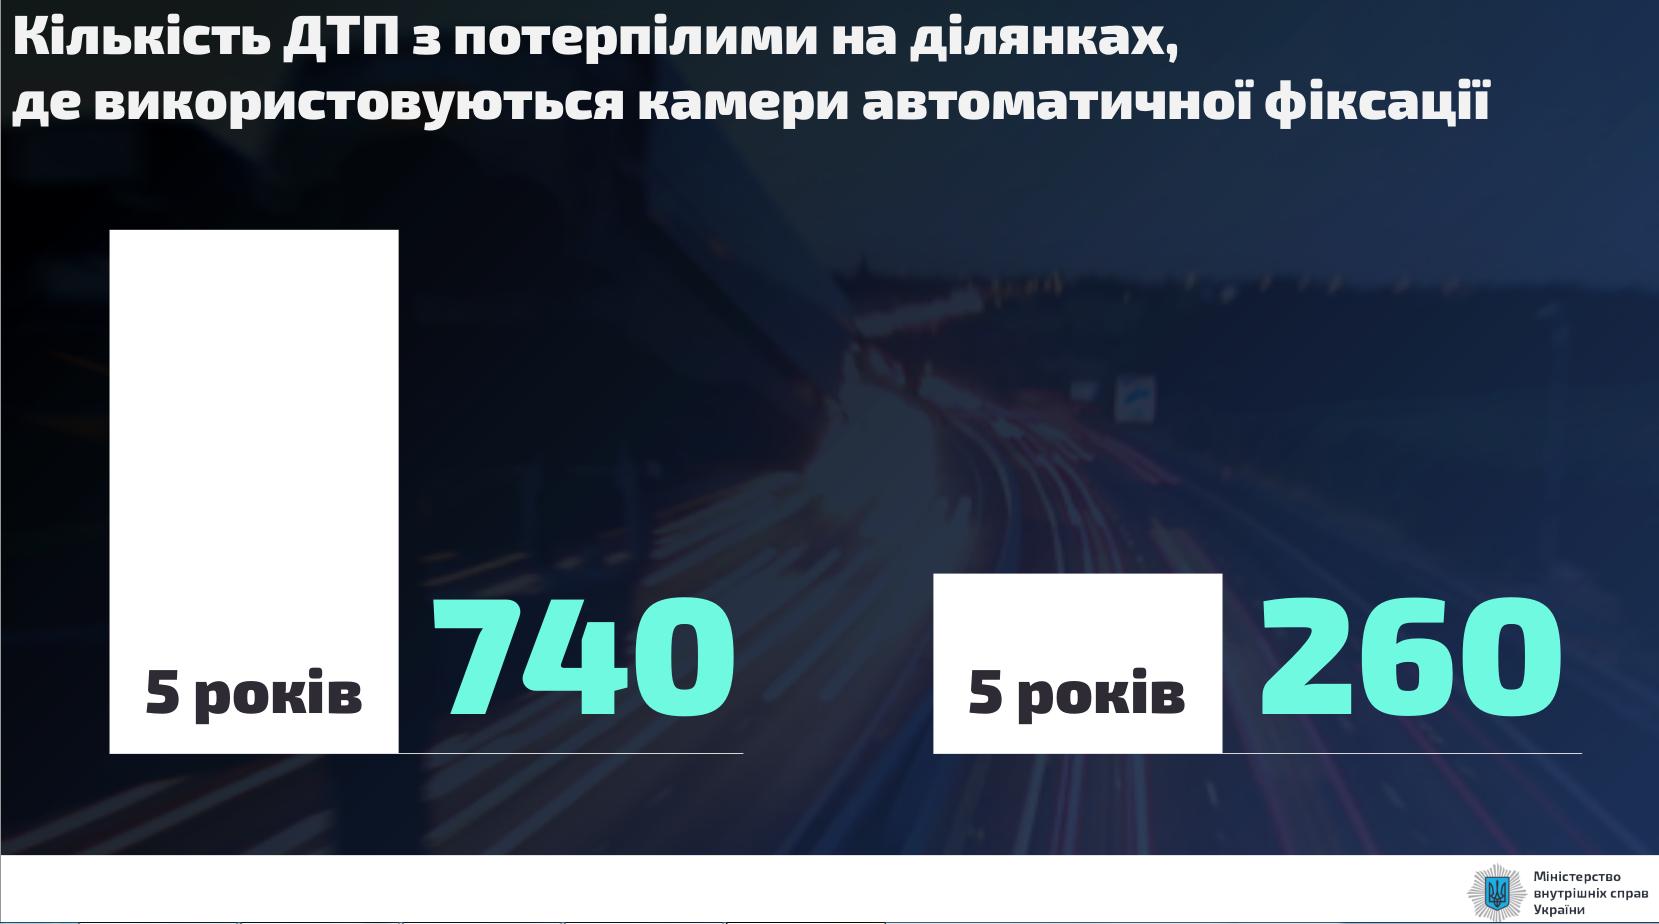 Так количество аварий должно уменьшиться за 10 лет работы системы.